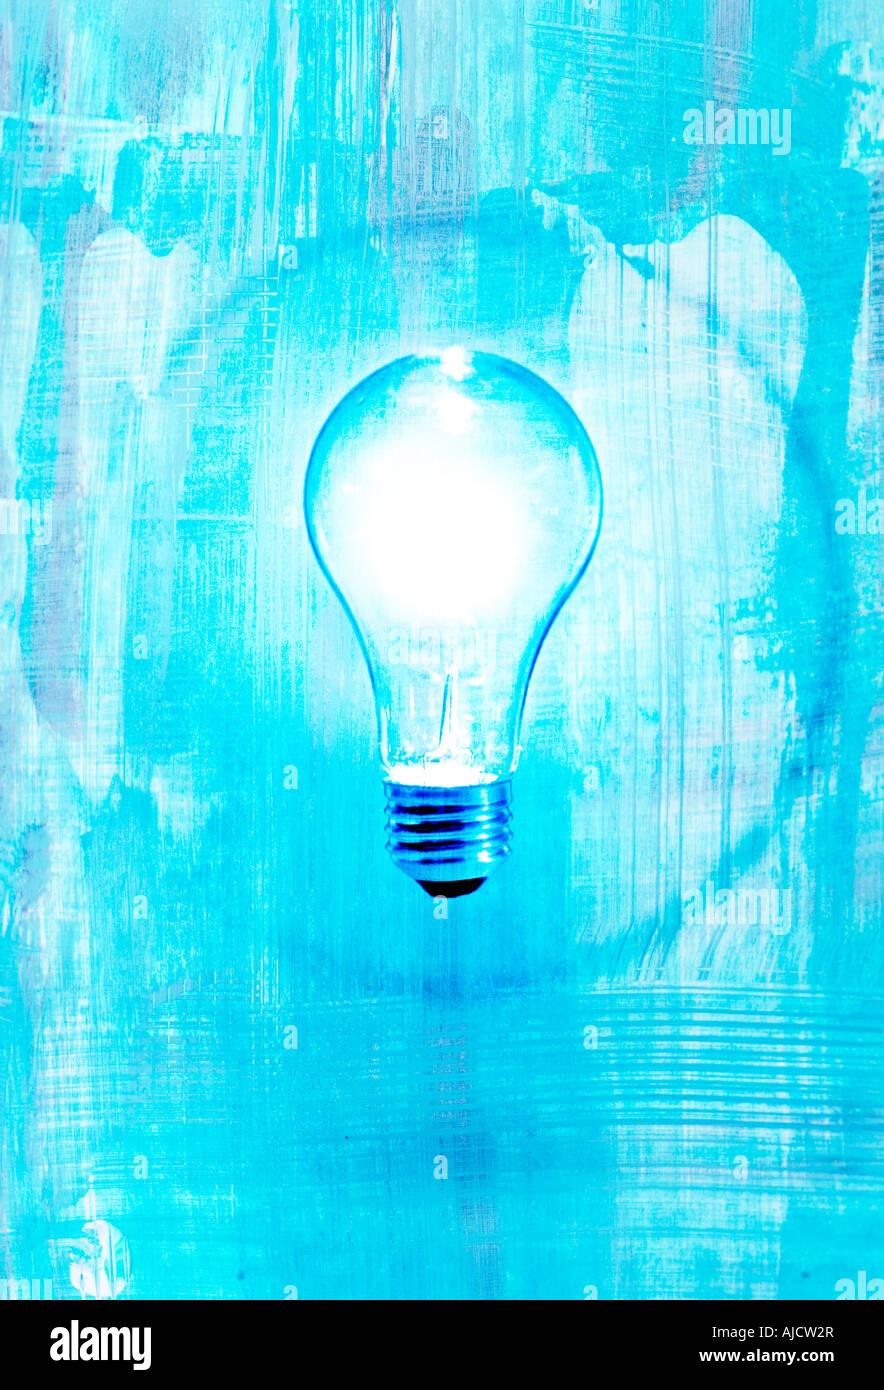 leuchtende Glühbirne mit blauem Hintergrund und Kreis zeigt Idee oder Einsicht Stockbild